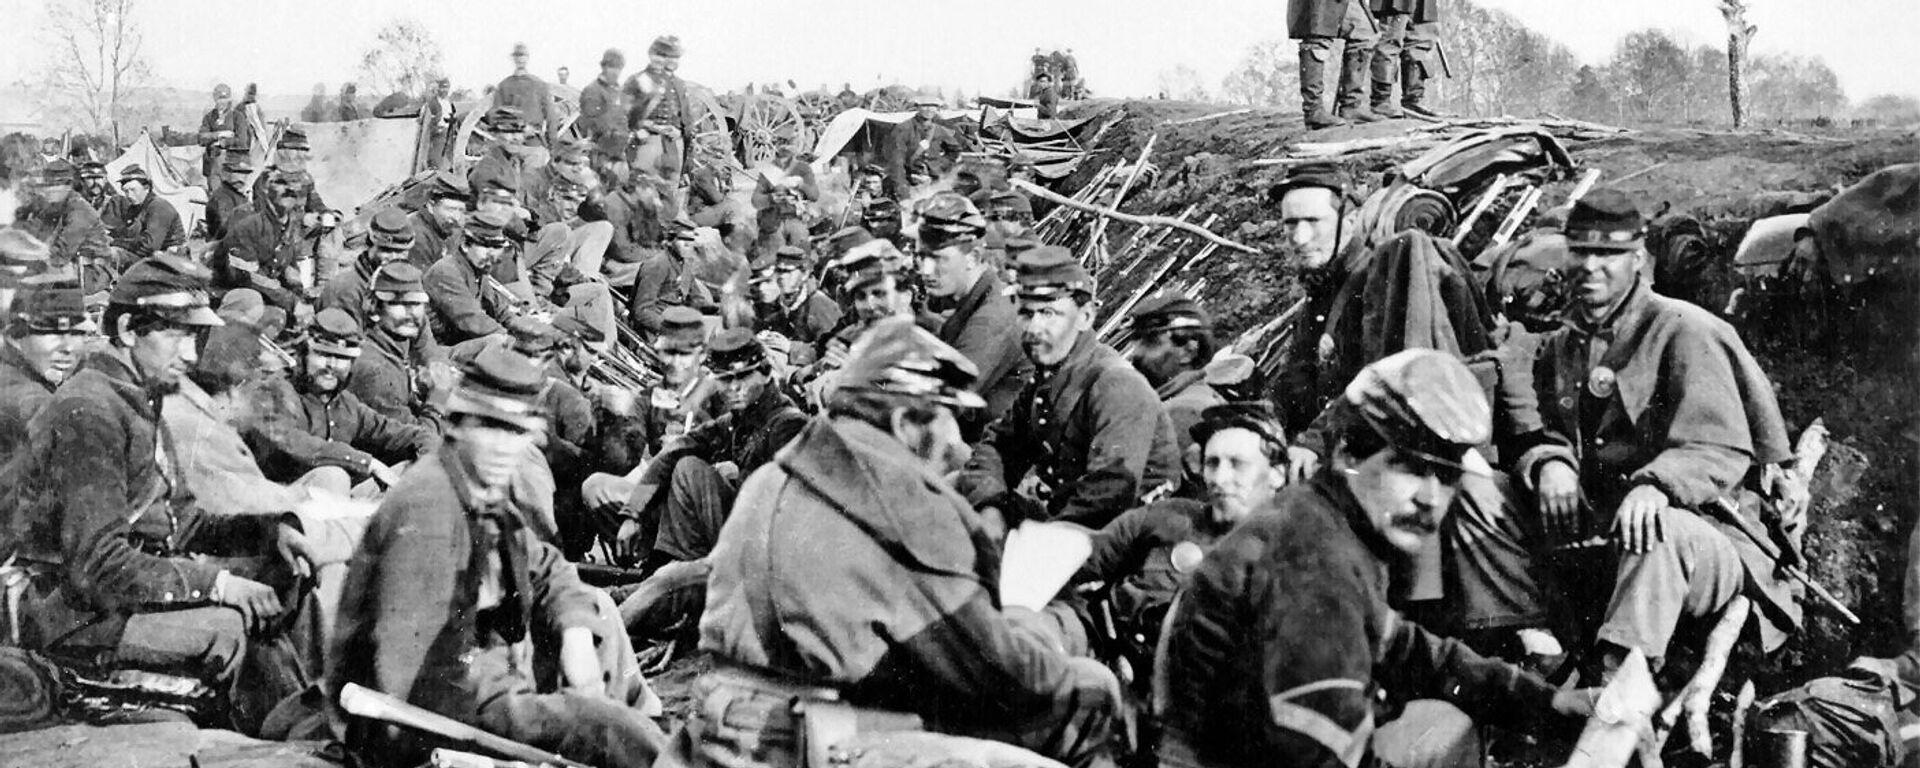 Soldados de la Unión, en 1865 - Sputnik Mundo, 1920, 16.08.2017